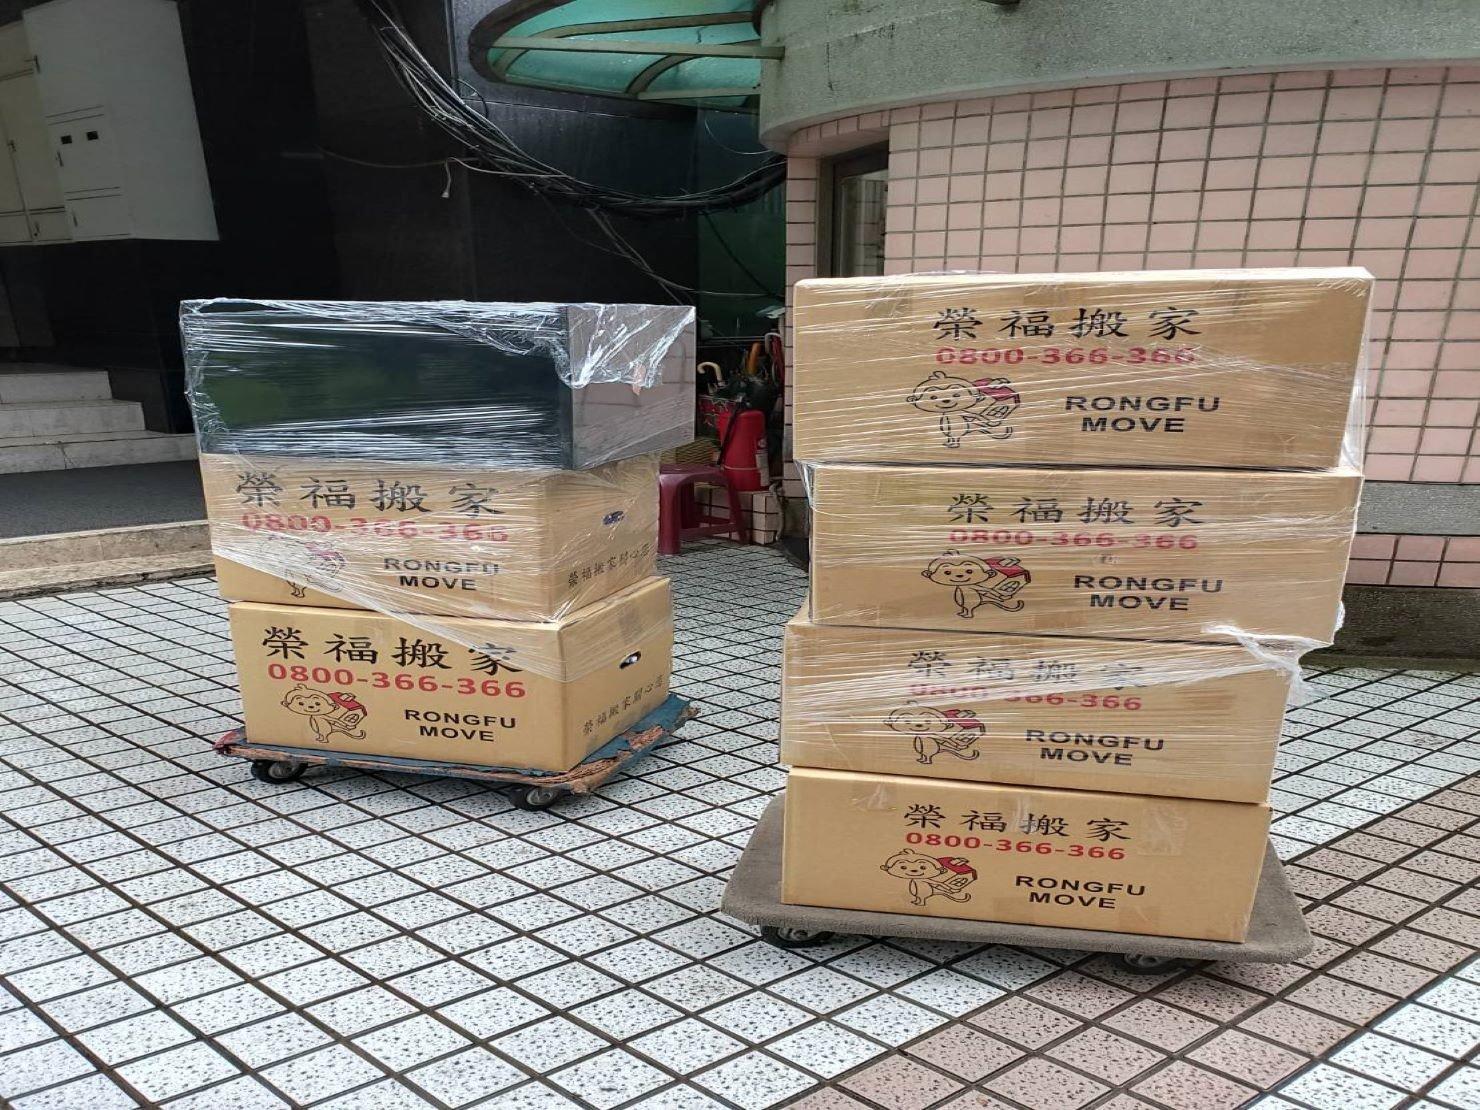 台北公司搬遷推薦【榮福搬家】專業服務值得您的信賴與託付:紙箱堆疊好,搬運輕鬆又快速;紙箱分類好,整理歸類好方便。